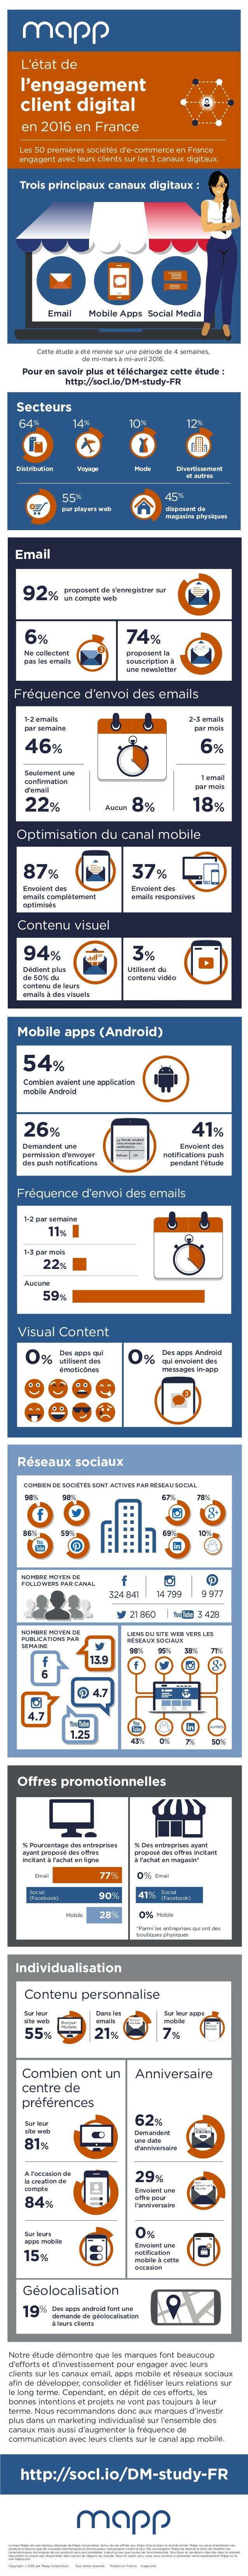 59% Les 50 premières sociétés d'e-commerce en France engagent avec leurs clients sur les 3 canaux digitaux. l'engagement c...